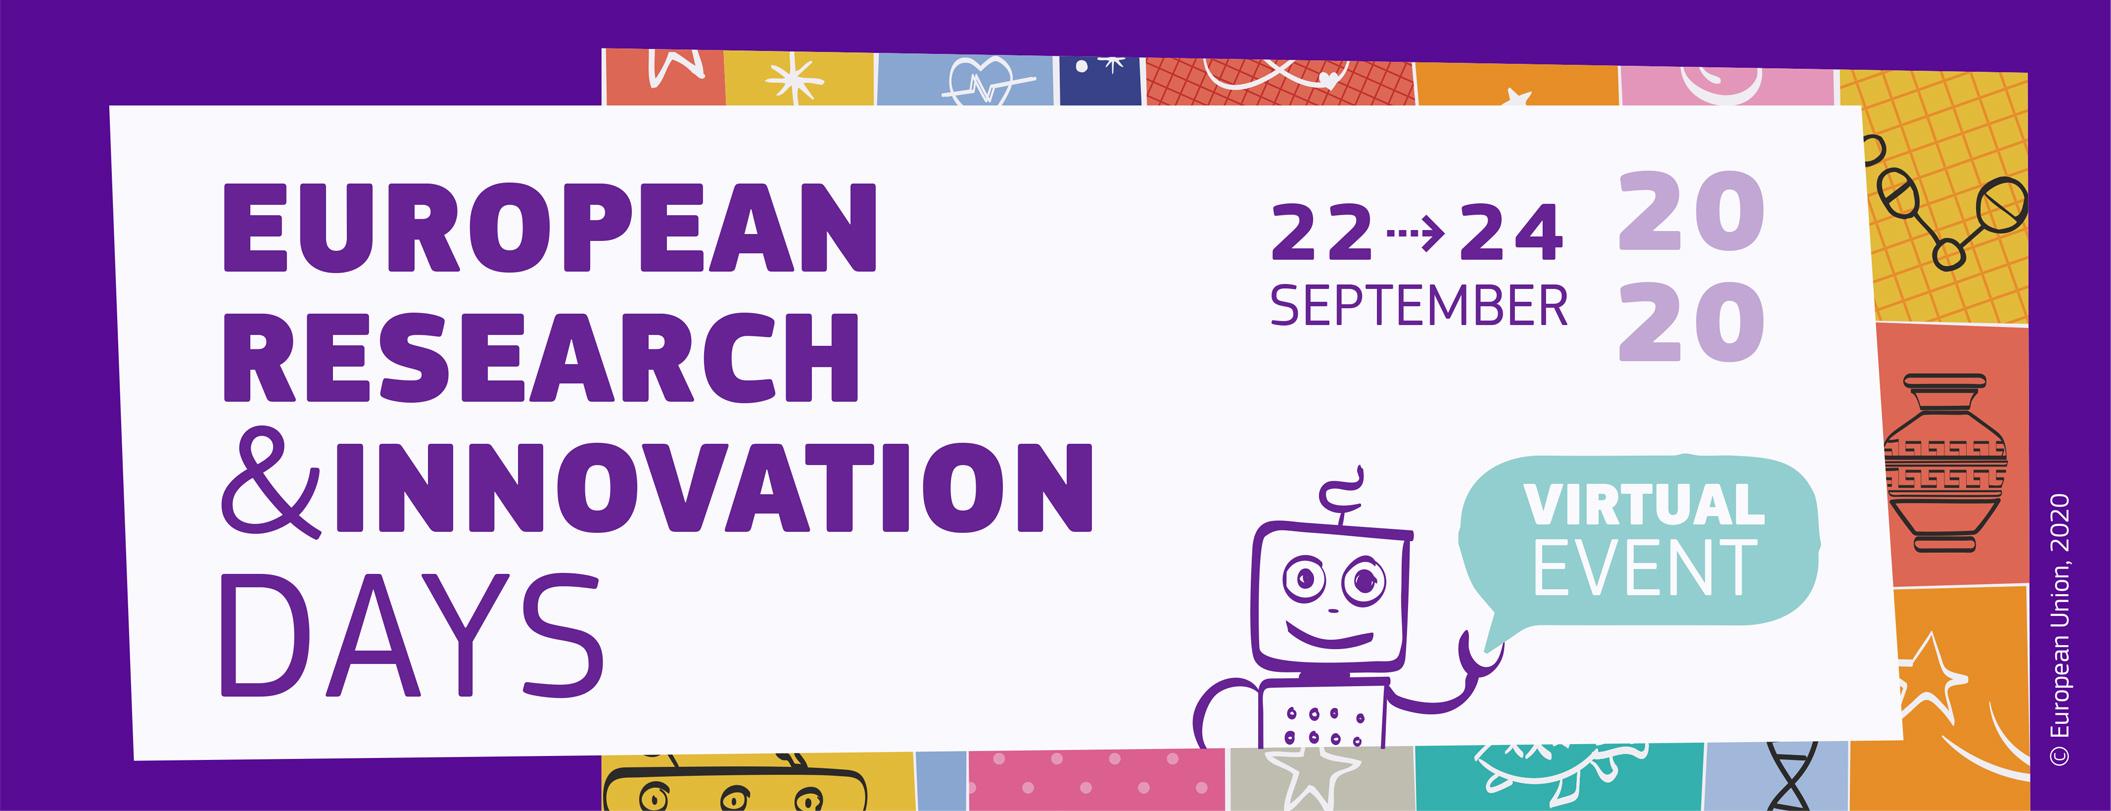 سجل الآن لحضور أيام البحث والابتكار الأوروبية